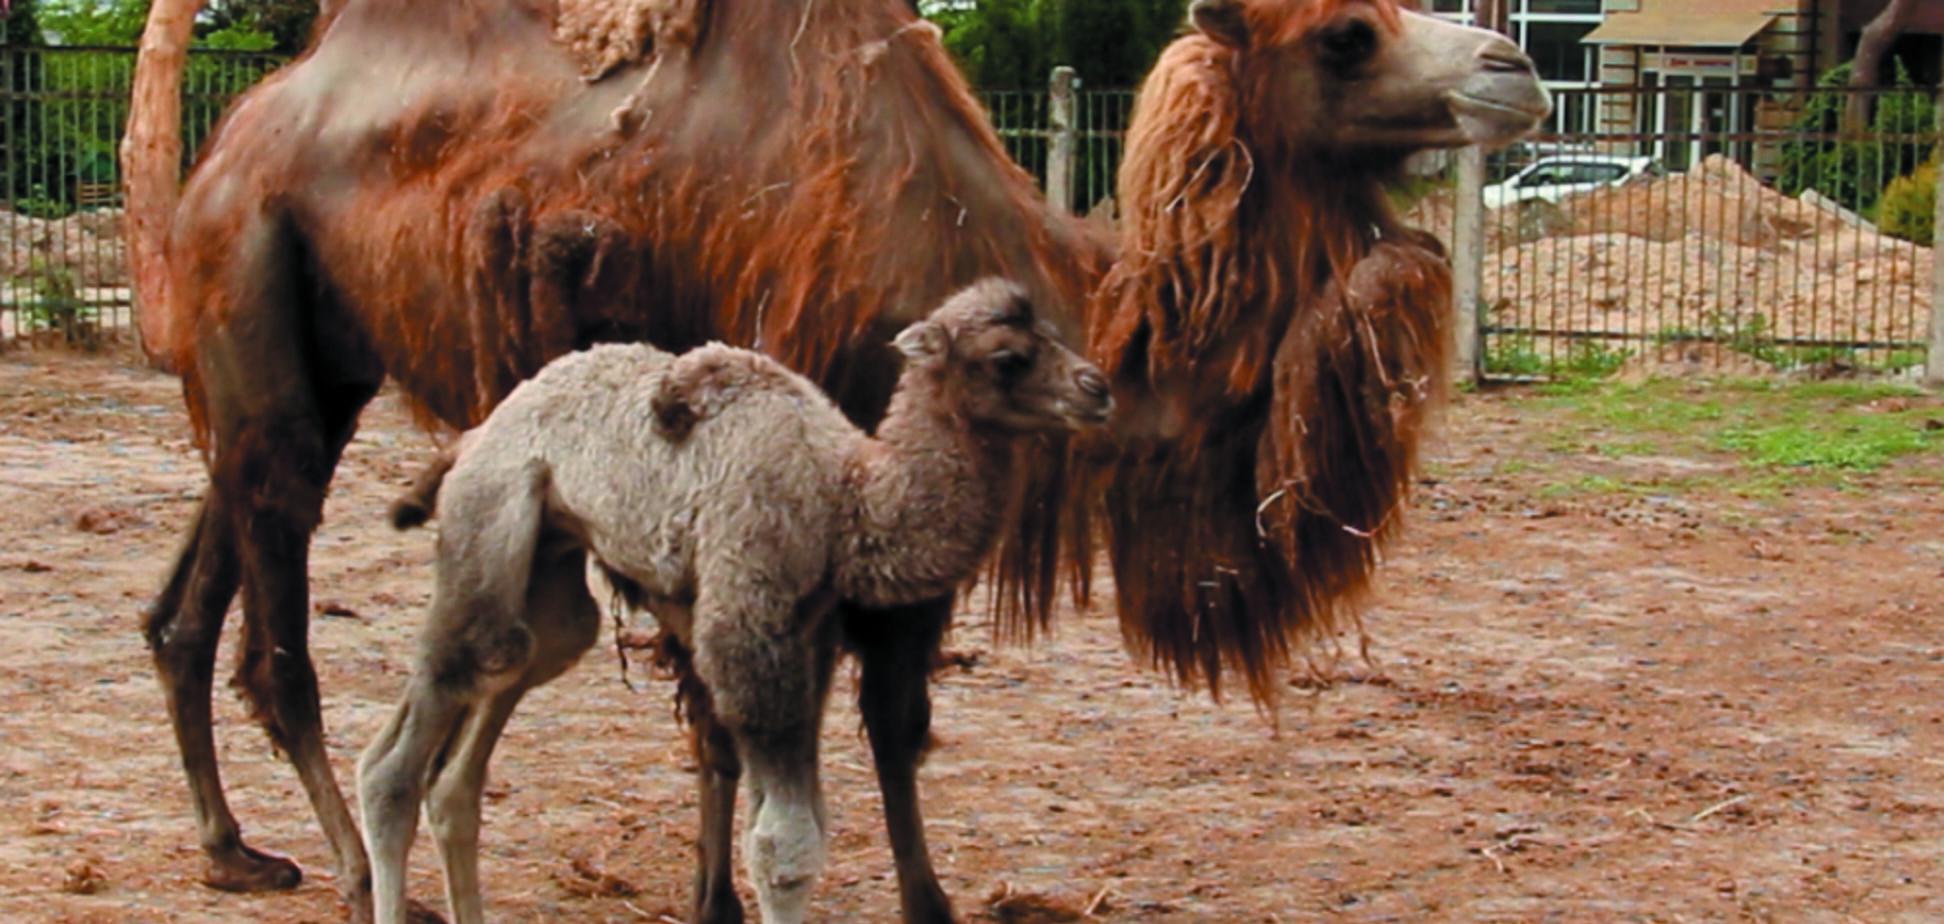 У зоопарку Харкова народилося миле верблюденя: опубліковані фото і відео